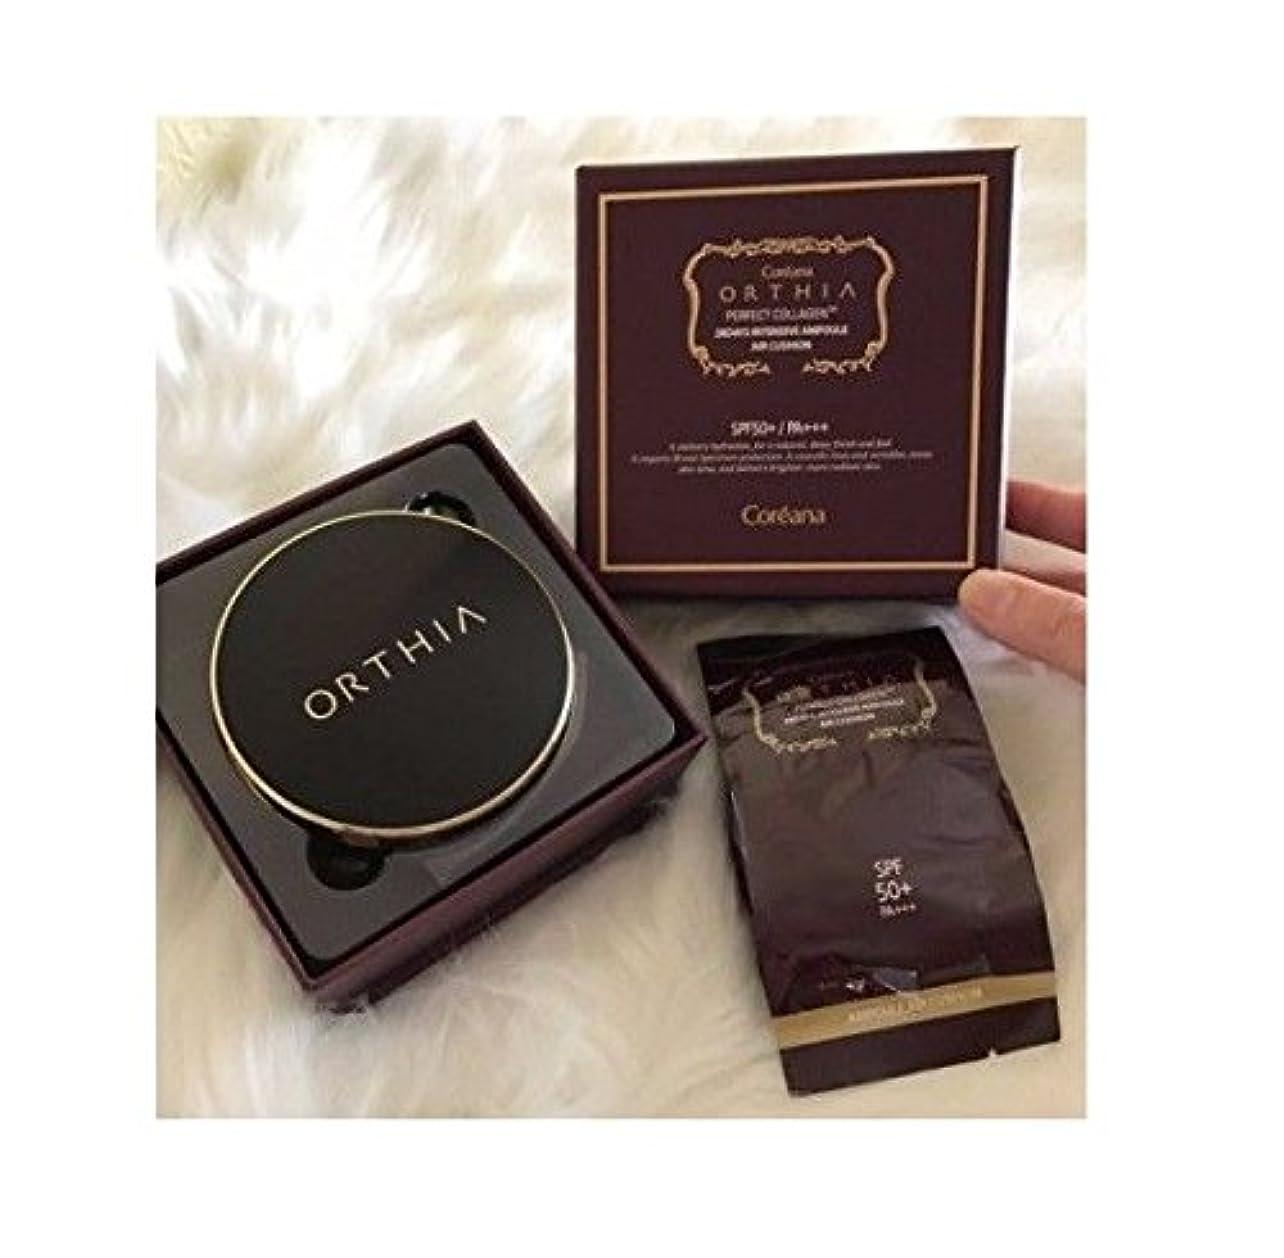 数人気のマルコポーロCoreana Orthia Perfect Collagen 28days Intensive Air Cushion SPF50+/PA+++(15g + Refill 15g)/Korea Cosmetics